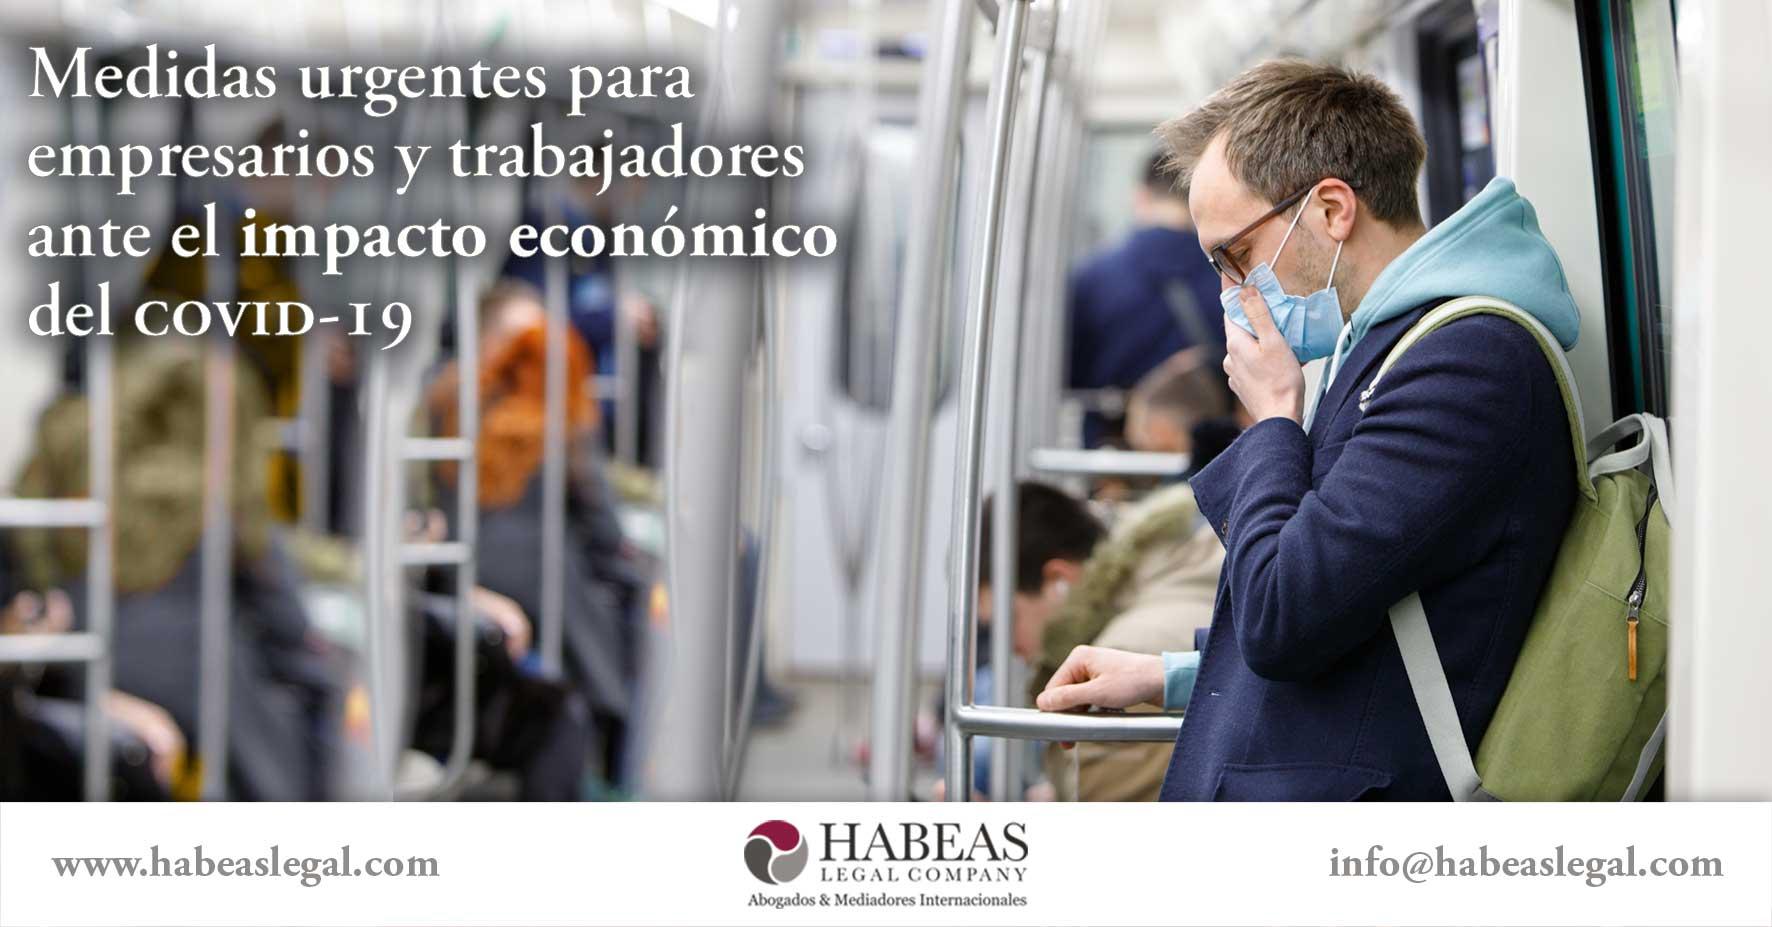 Medidas urgentes covid19 Habeas Legal - Blog